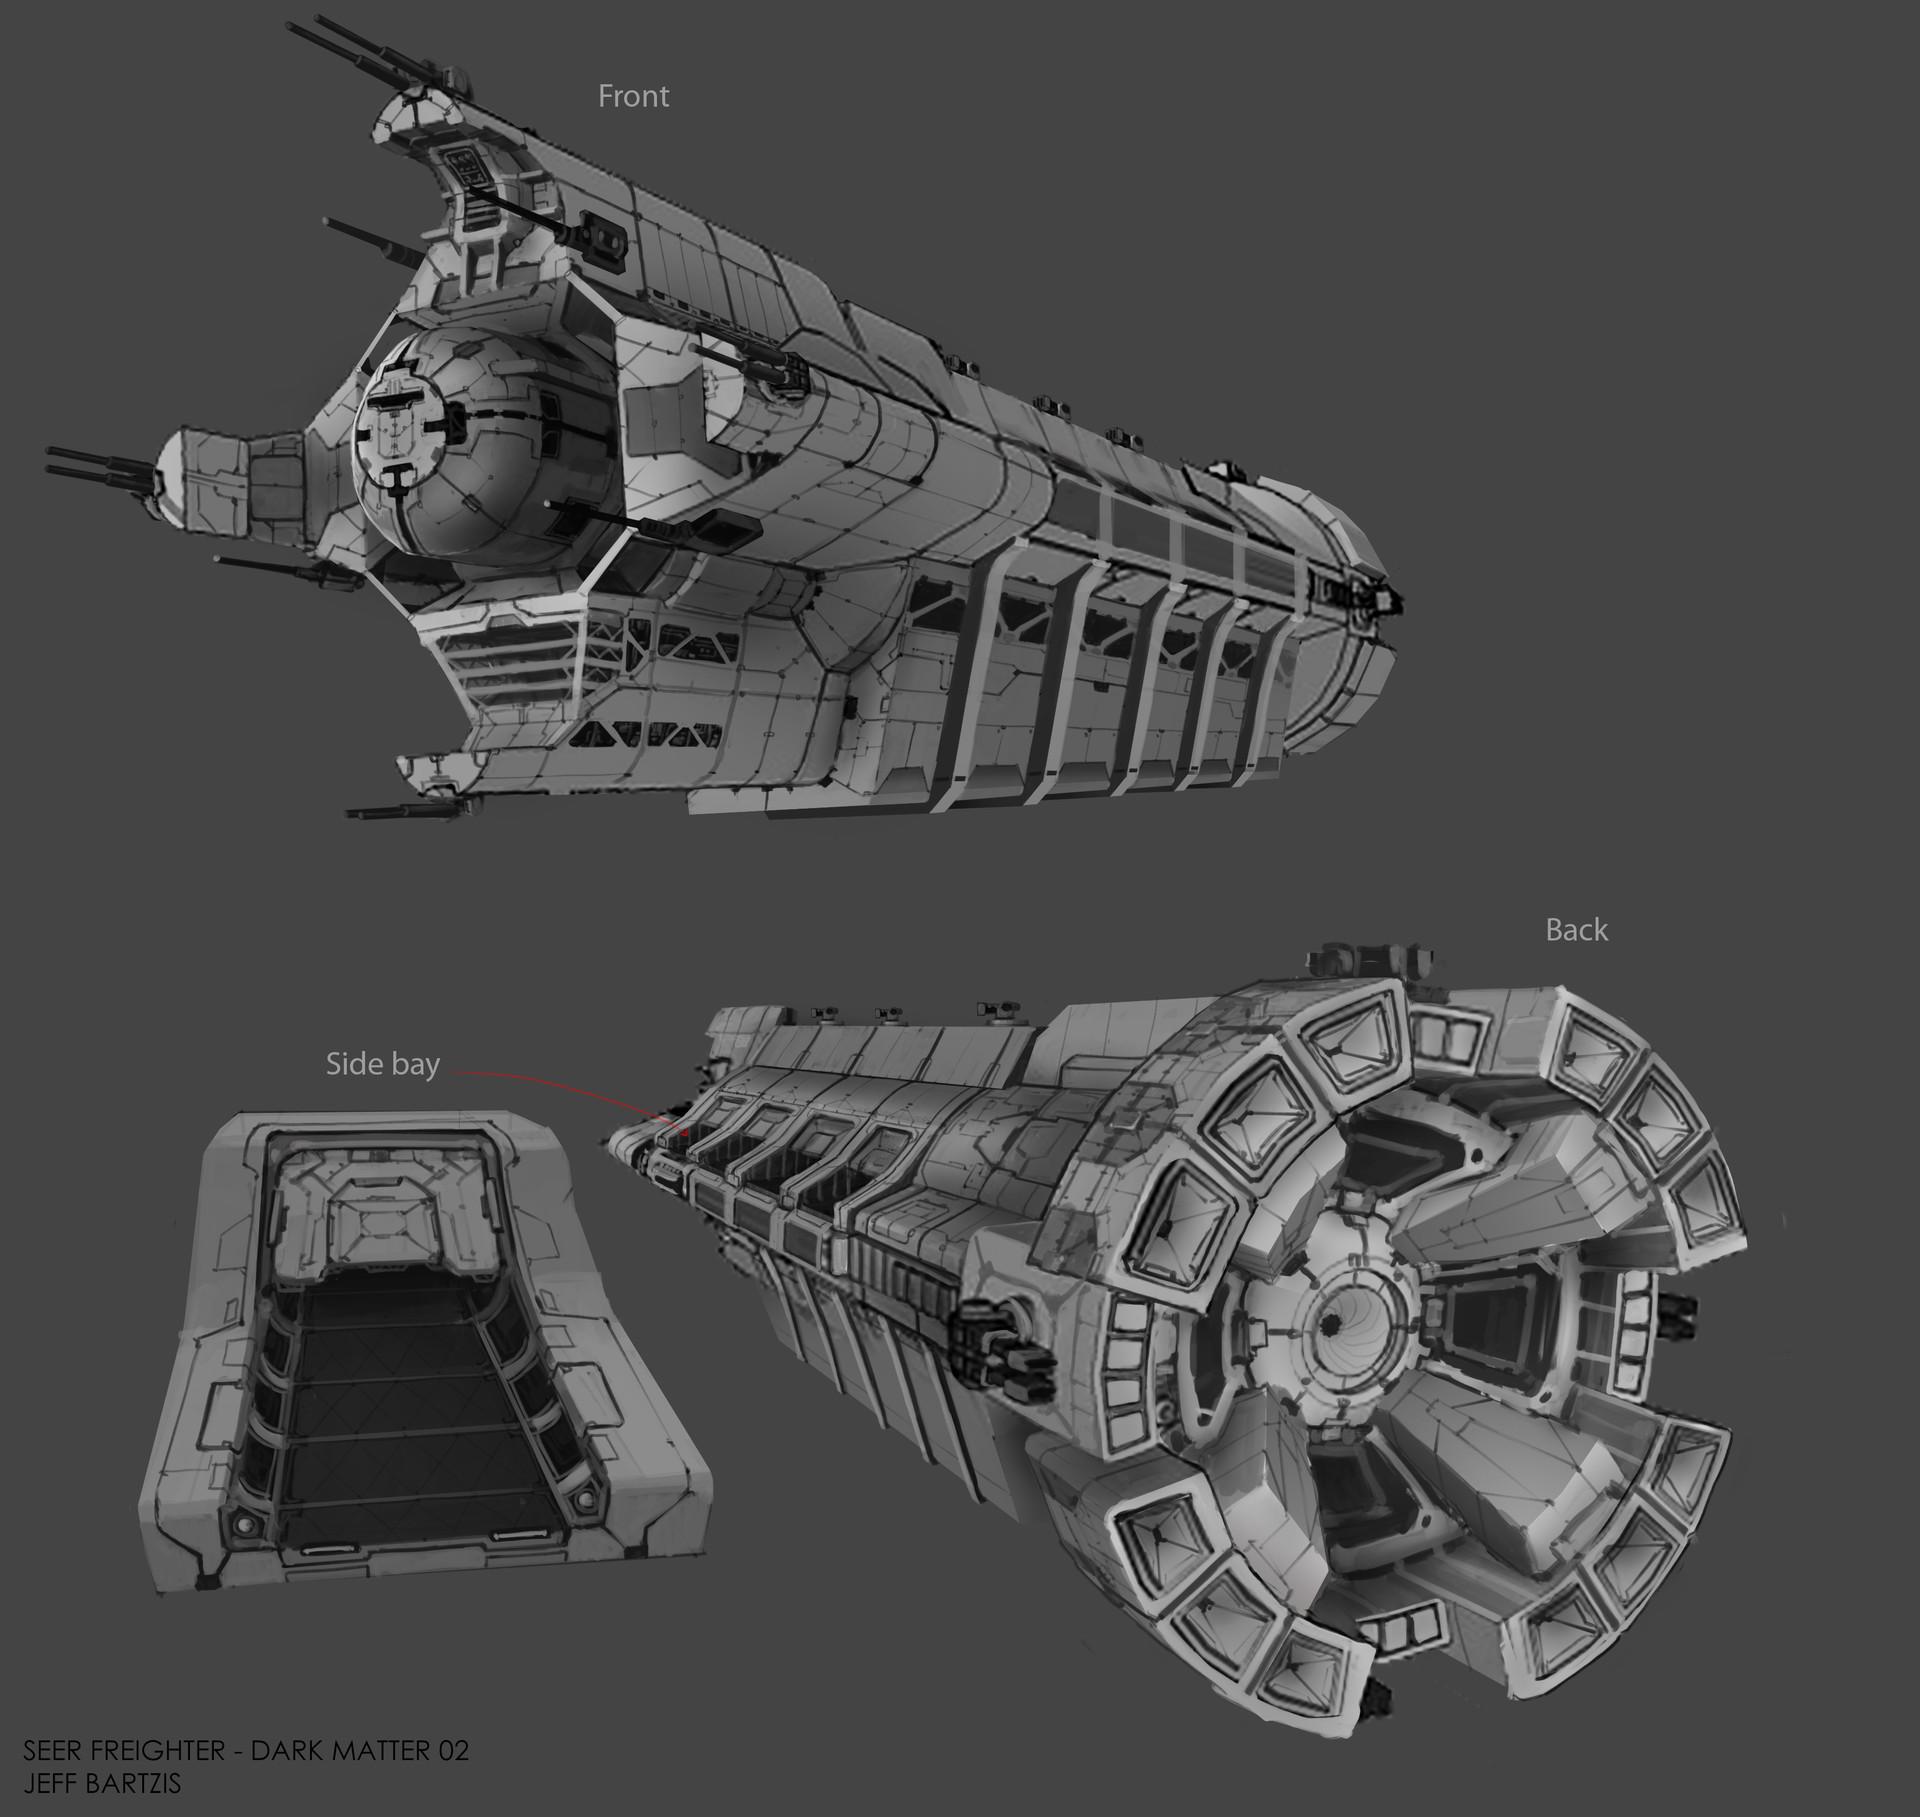 Jeff bartzis seer freighter 008